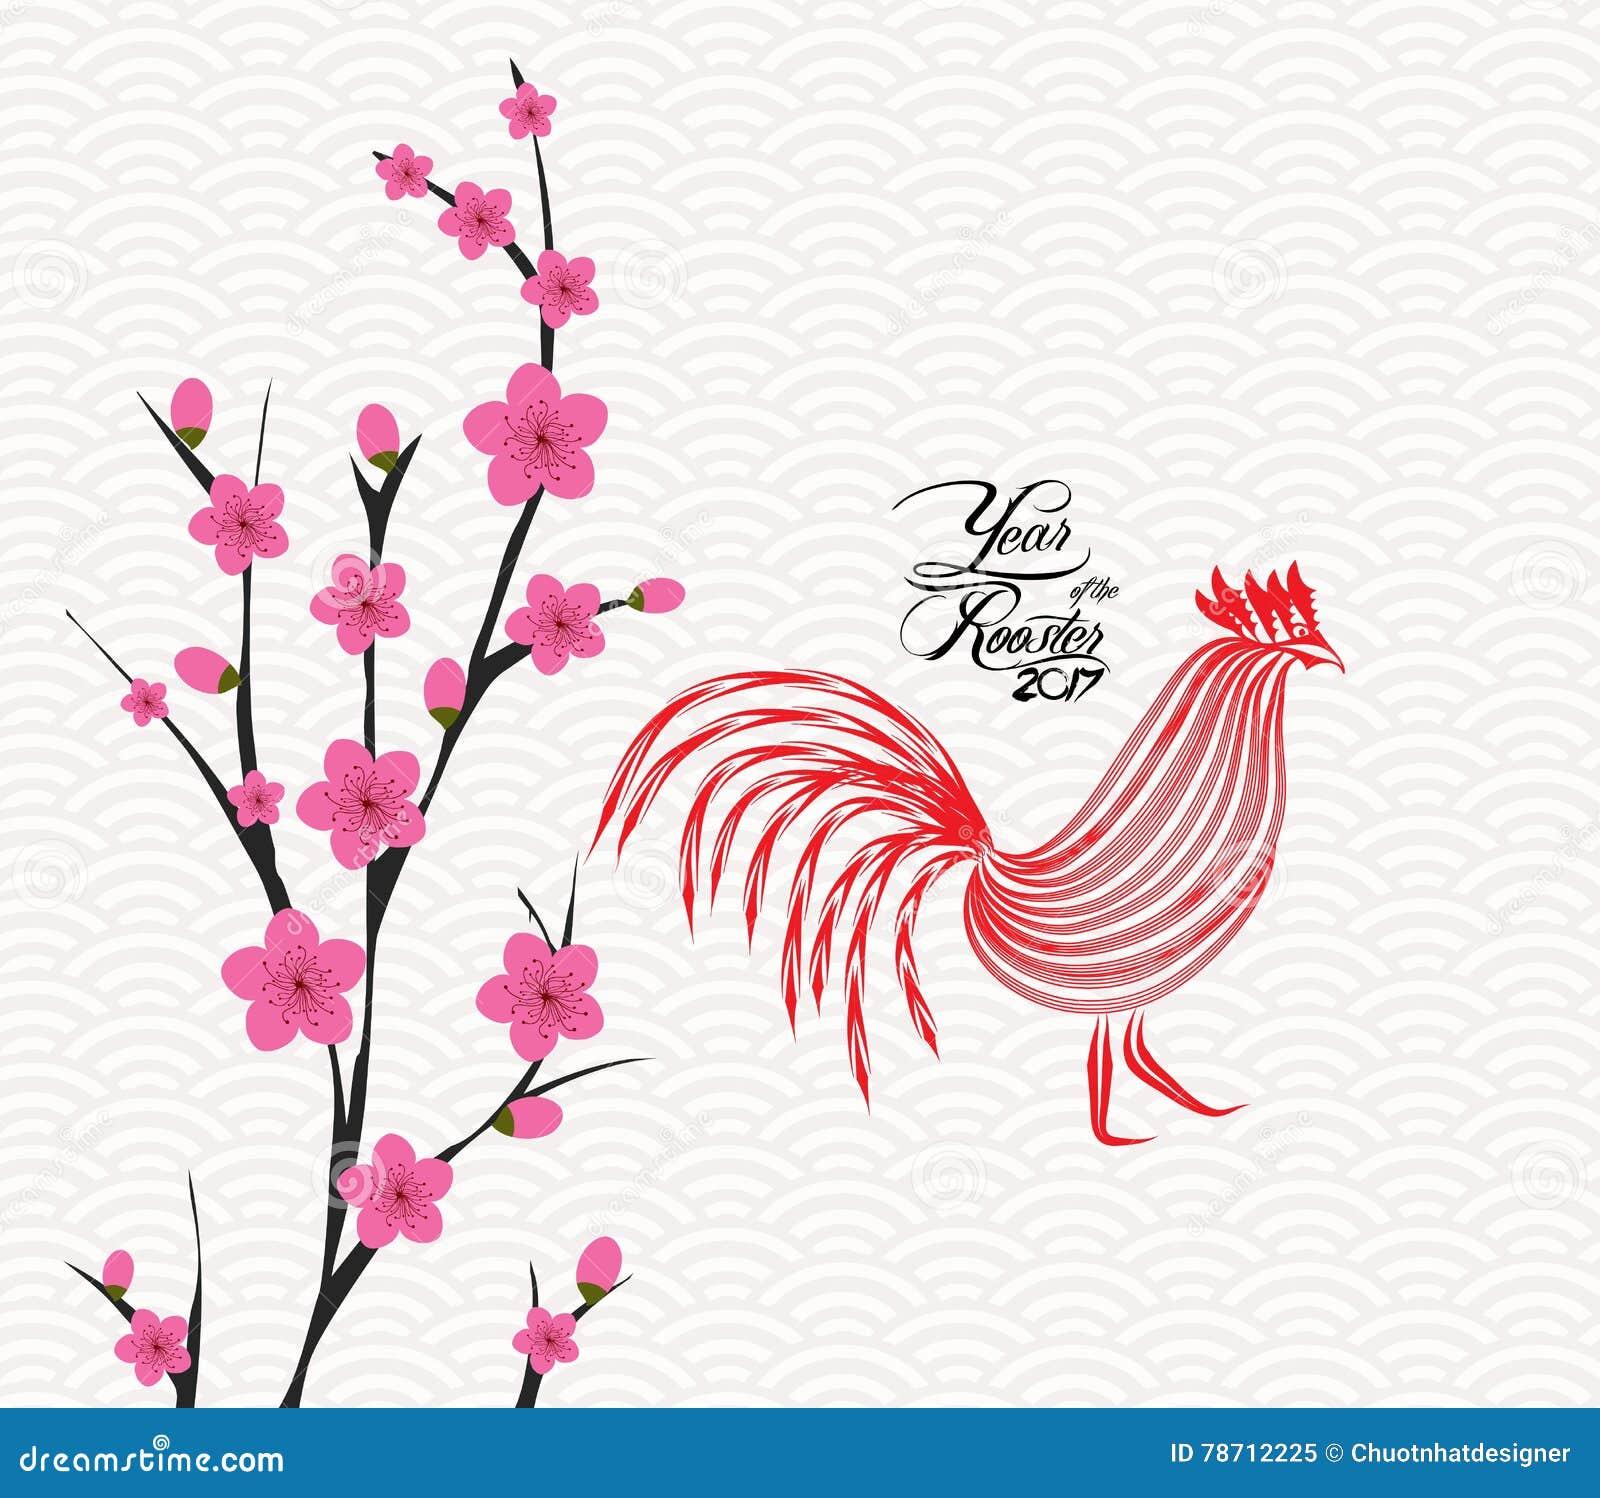 La carta cinese felice del nuovo anno 2017 è fiore Anno del gallo